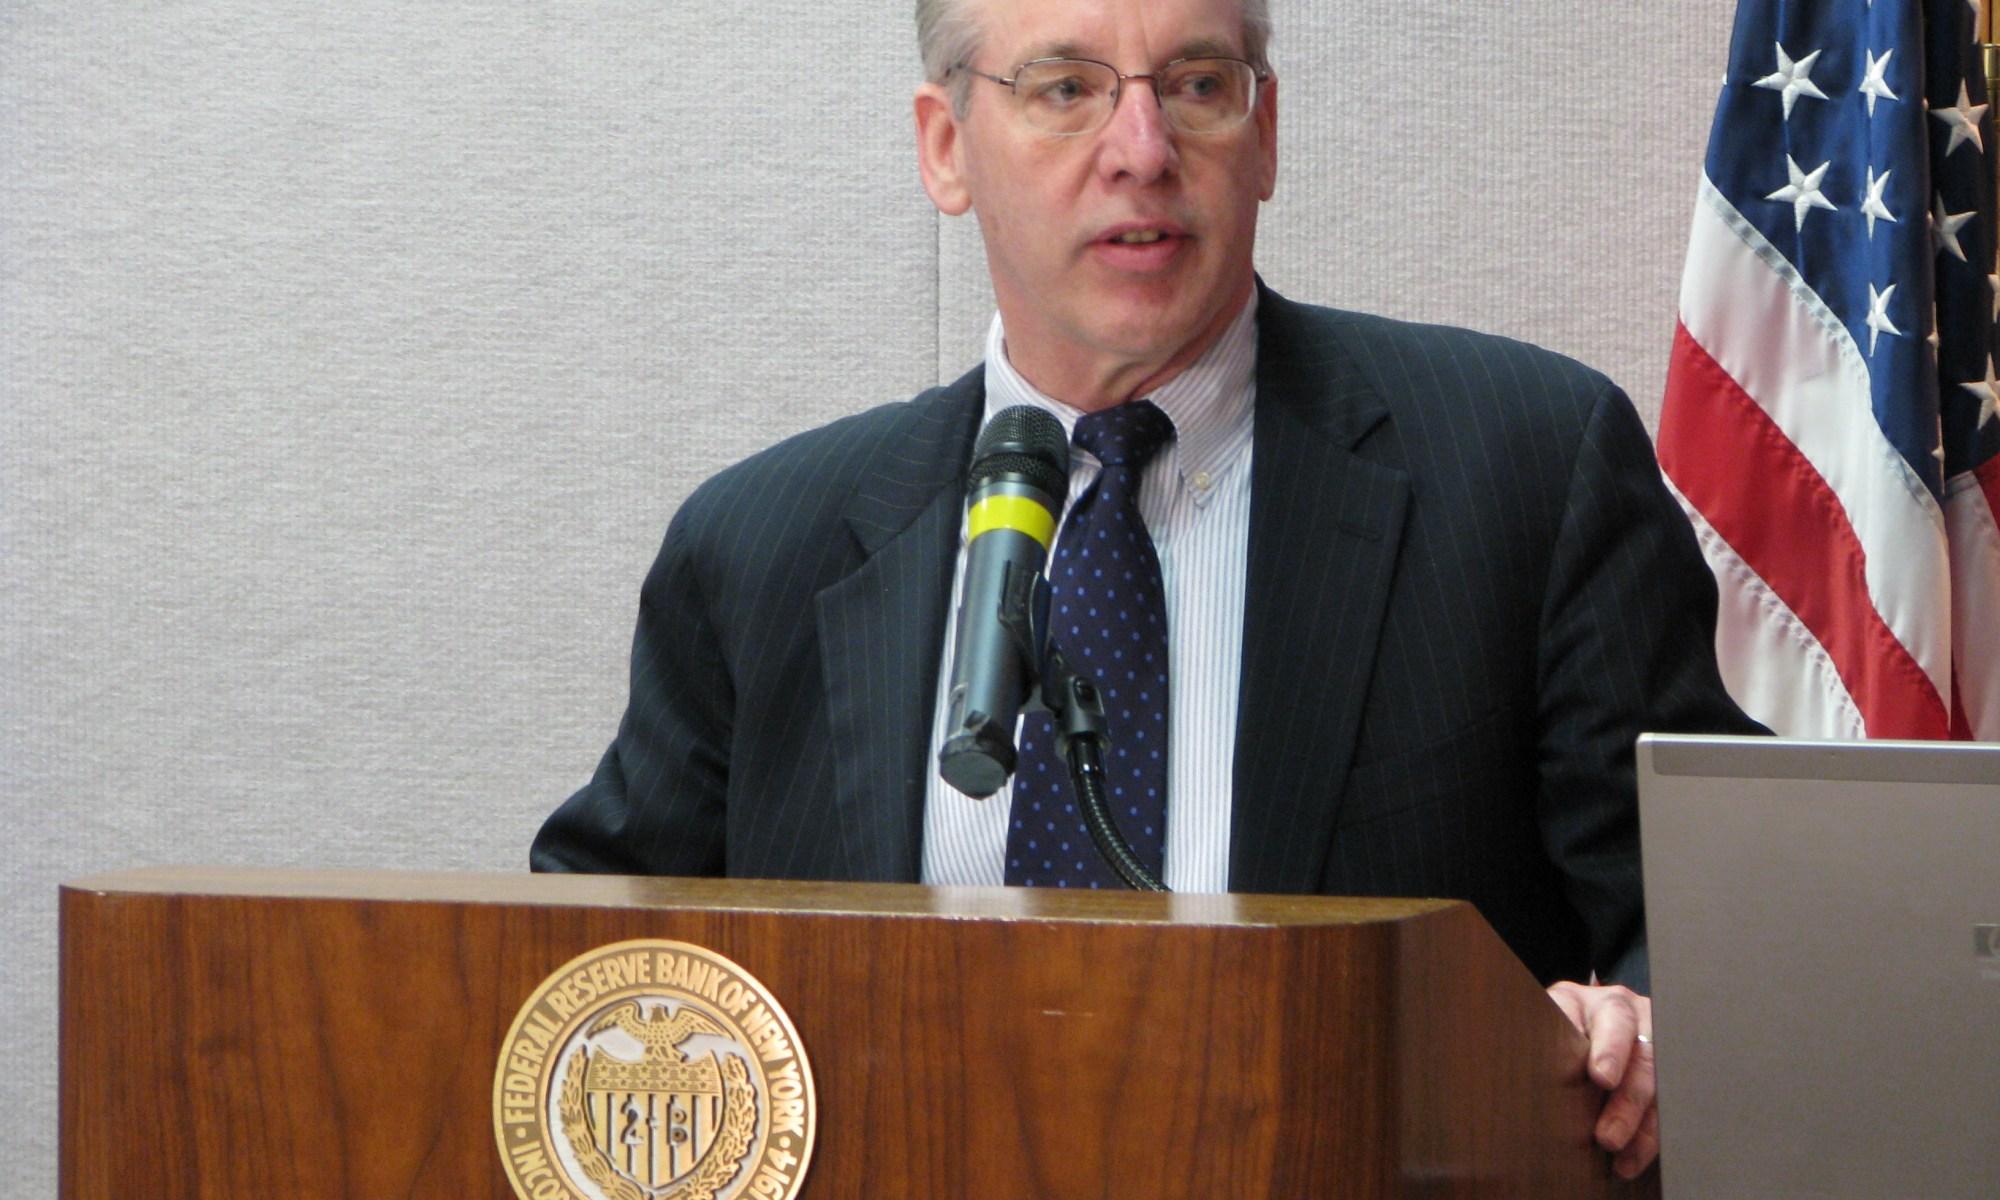 William C. Dudley